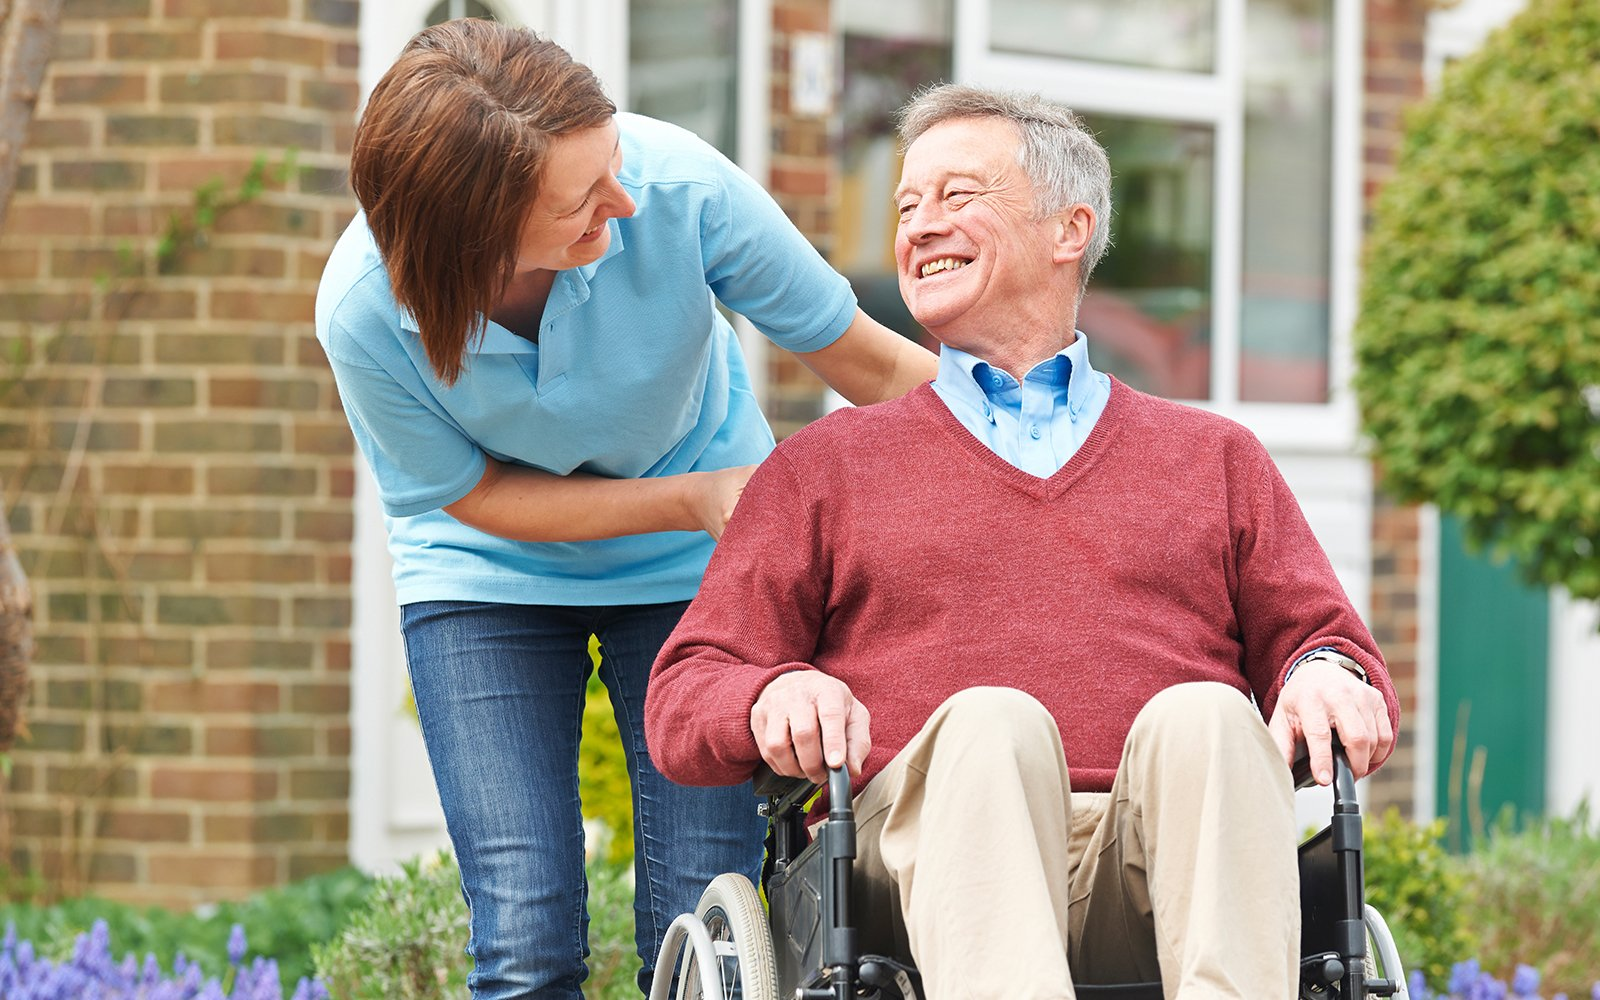 Un anziano sulla sedia a rotelle sorride alla ragazza che lo accompagna